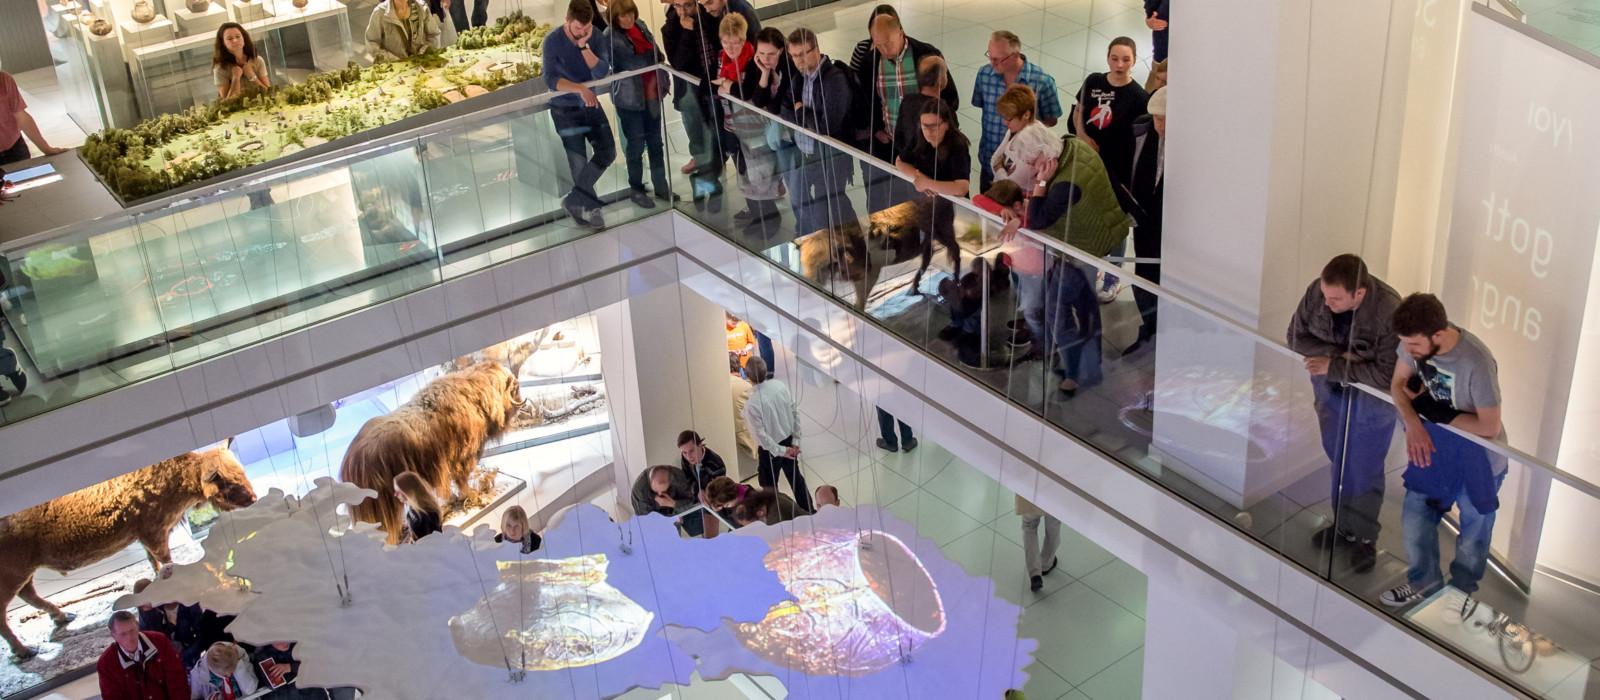 Einblick in eine mehrgeschossige Ausstellung mit schwebender Karte